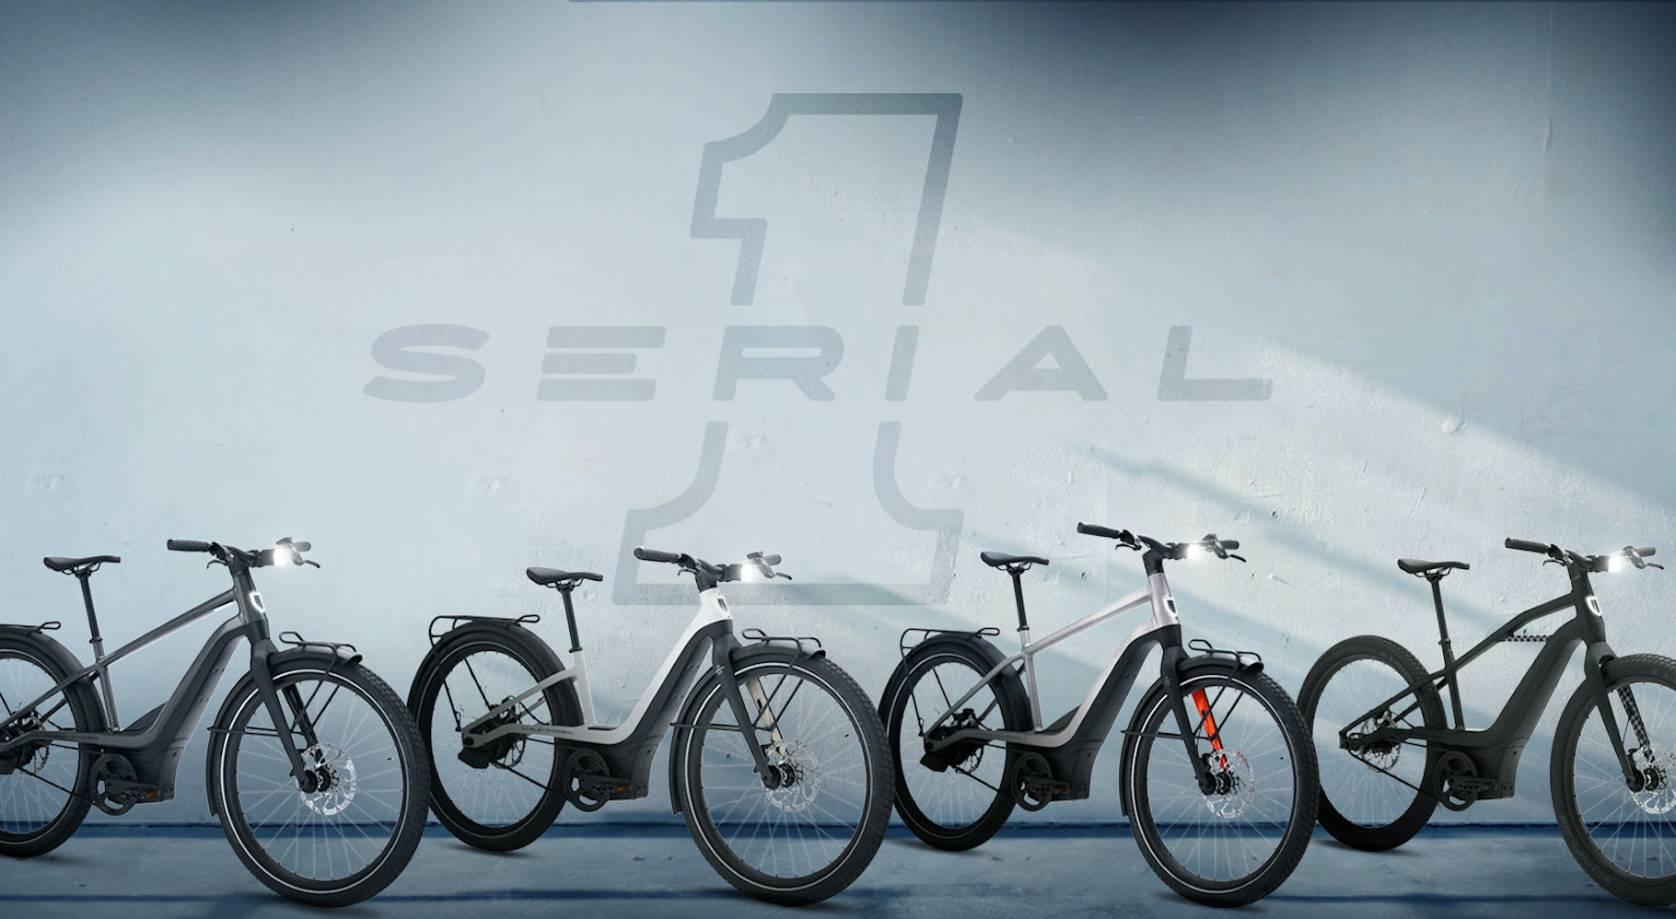 Serial 1 lineup e-bikes